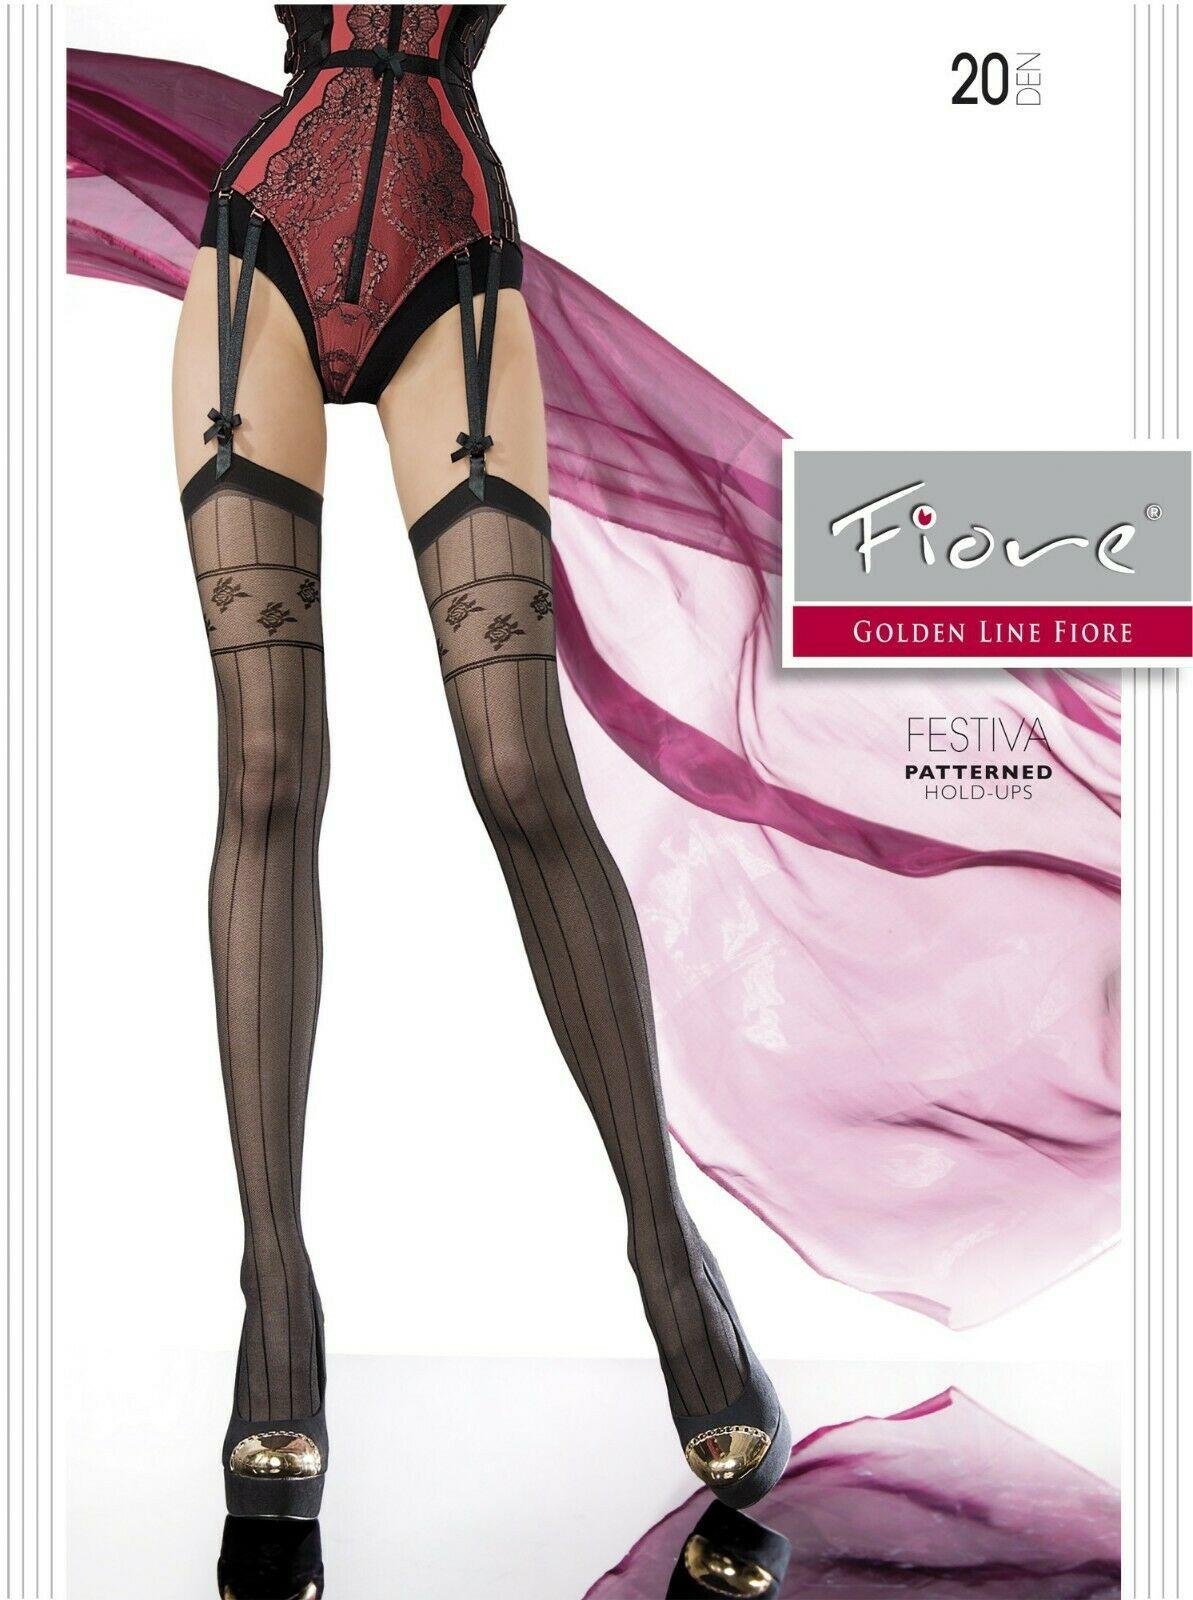 Bas jarretelles sexy et glamour, avec motifs le longs des jambes